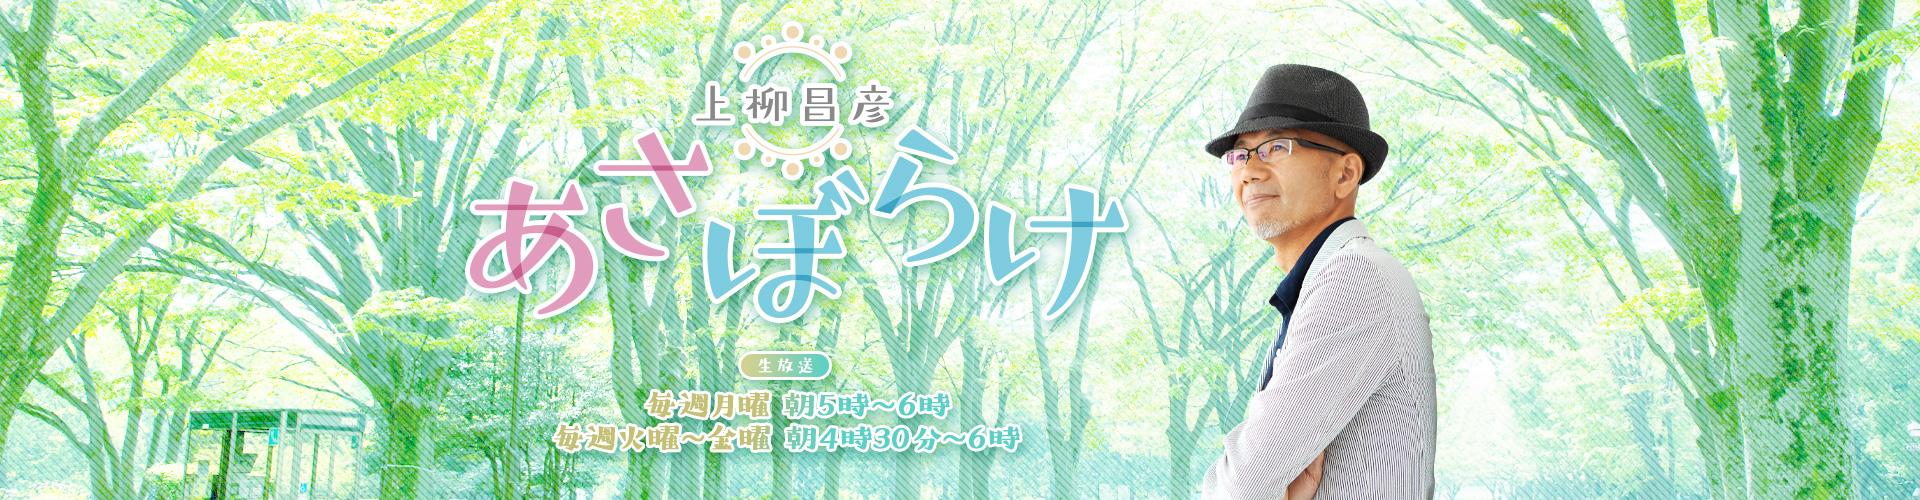 上柳昌彦 あさぼらけ   ニッポン放送 ラジオAM1242+FM93